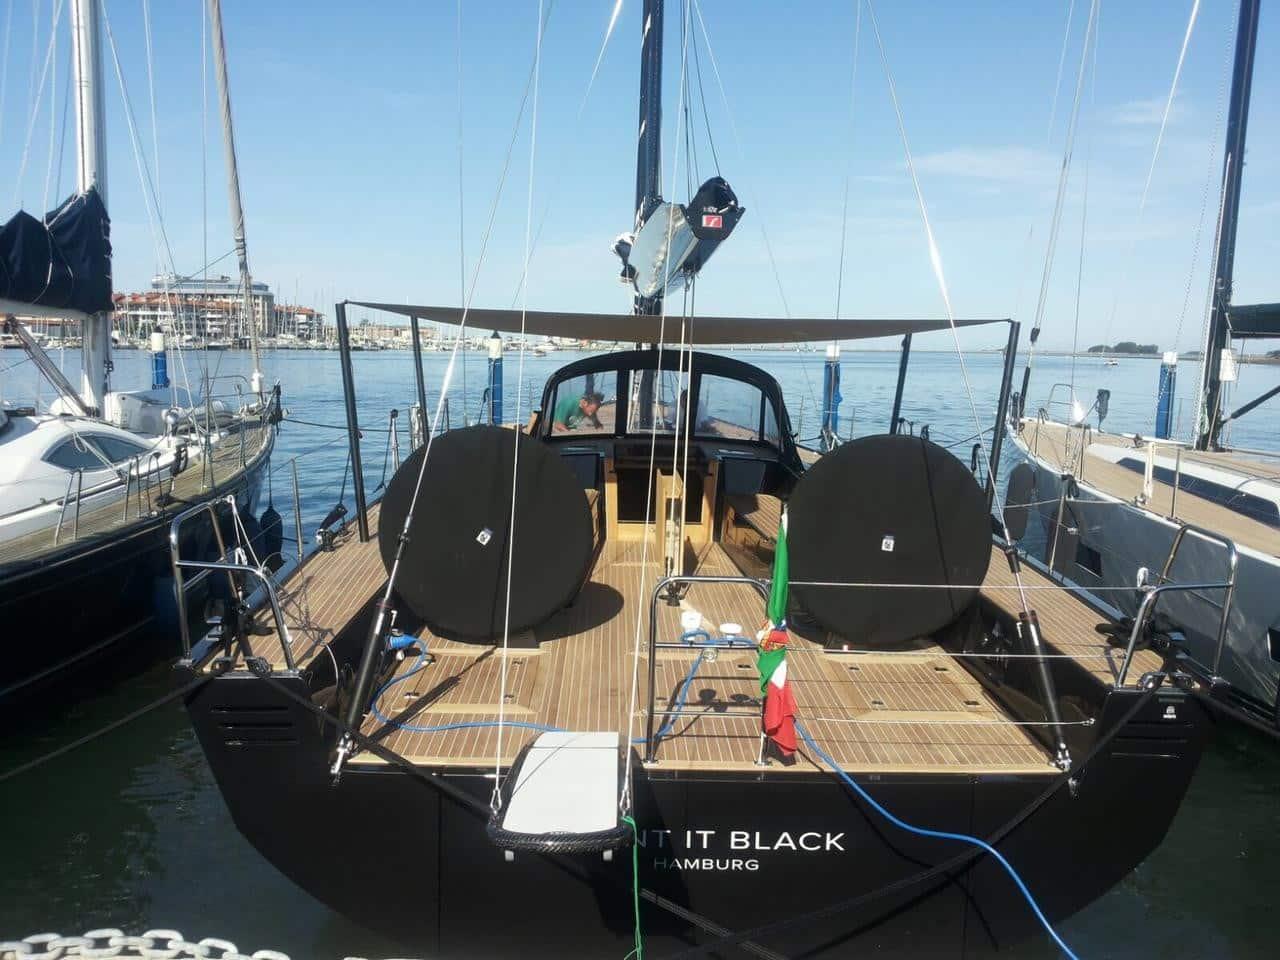 Solaris 58 - Paint it Black